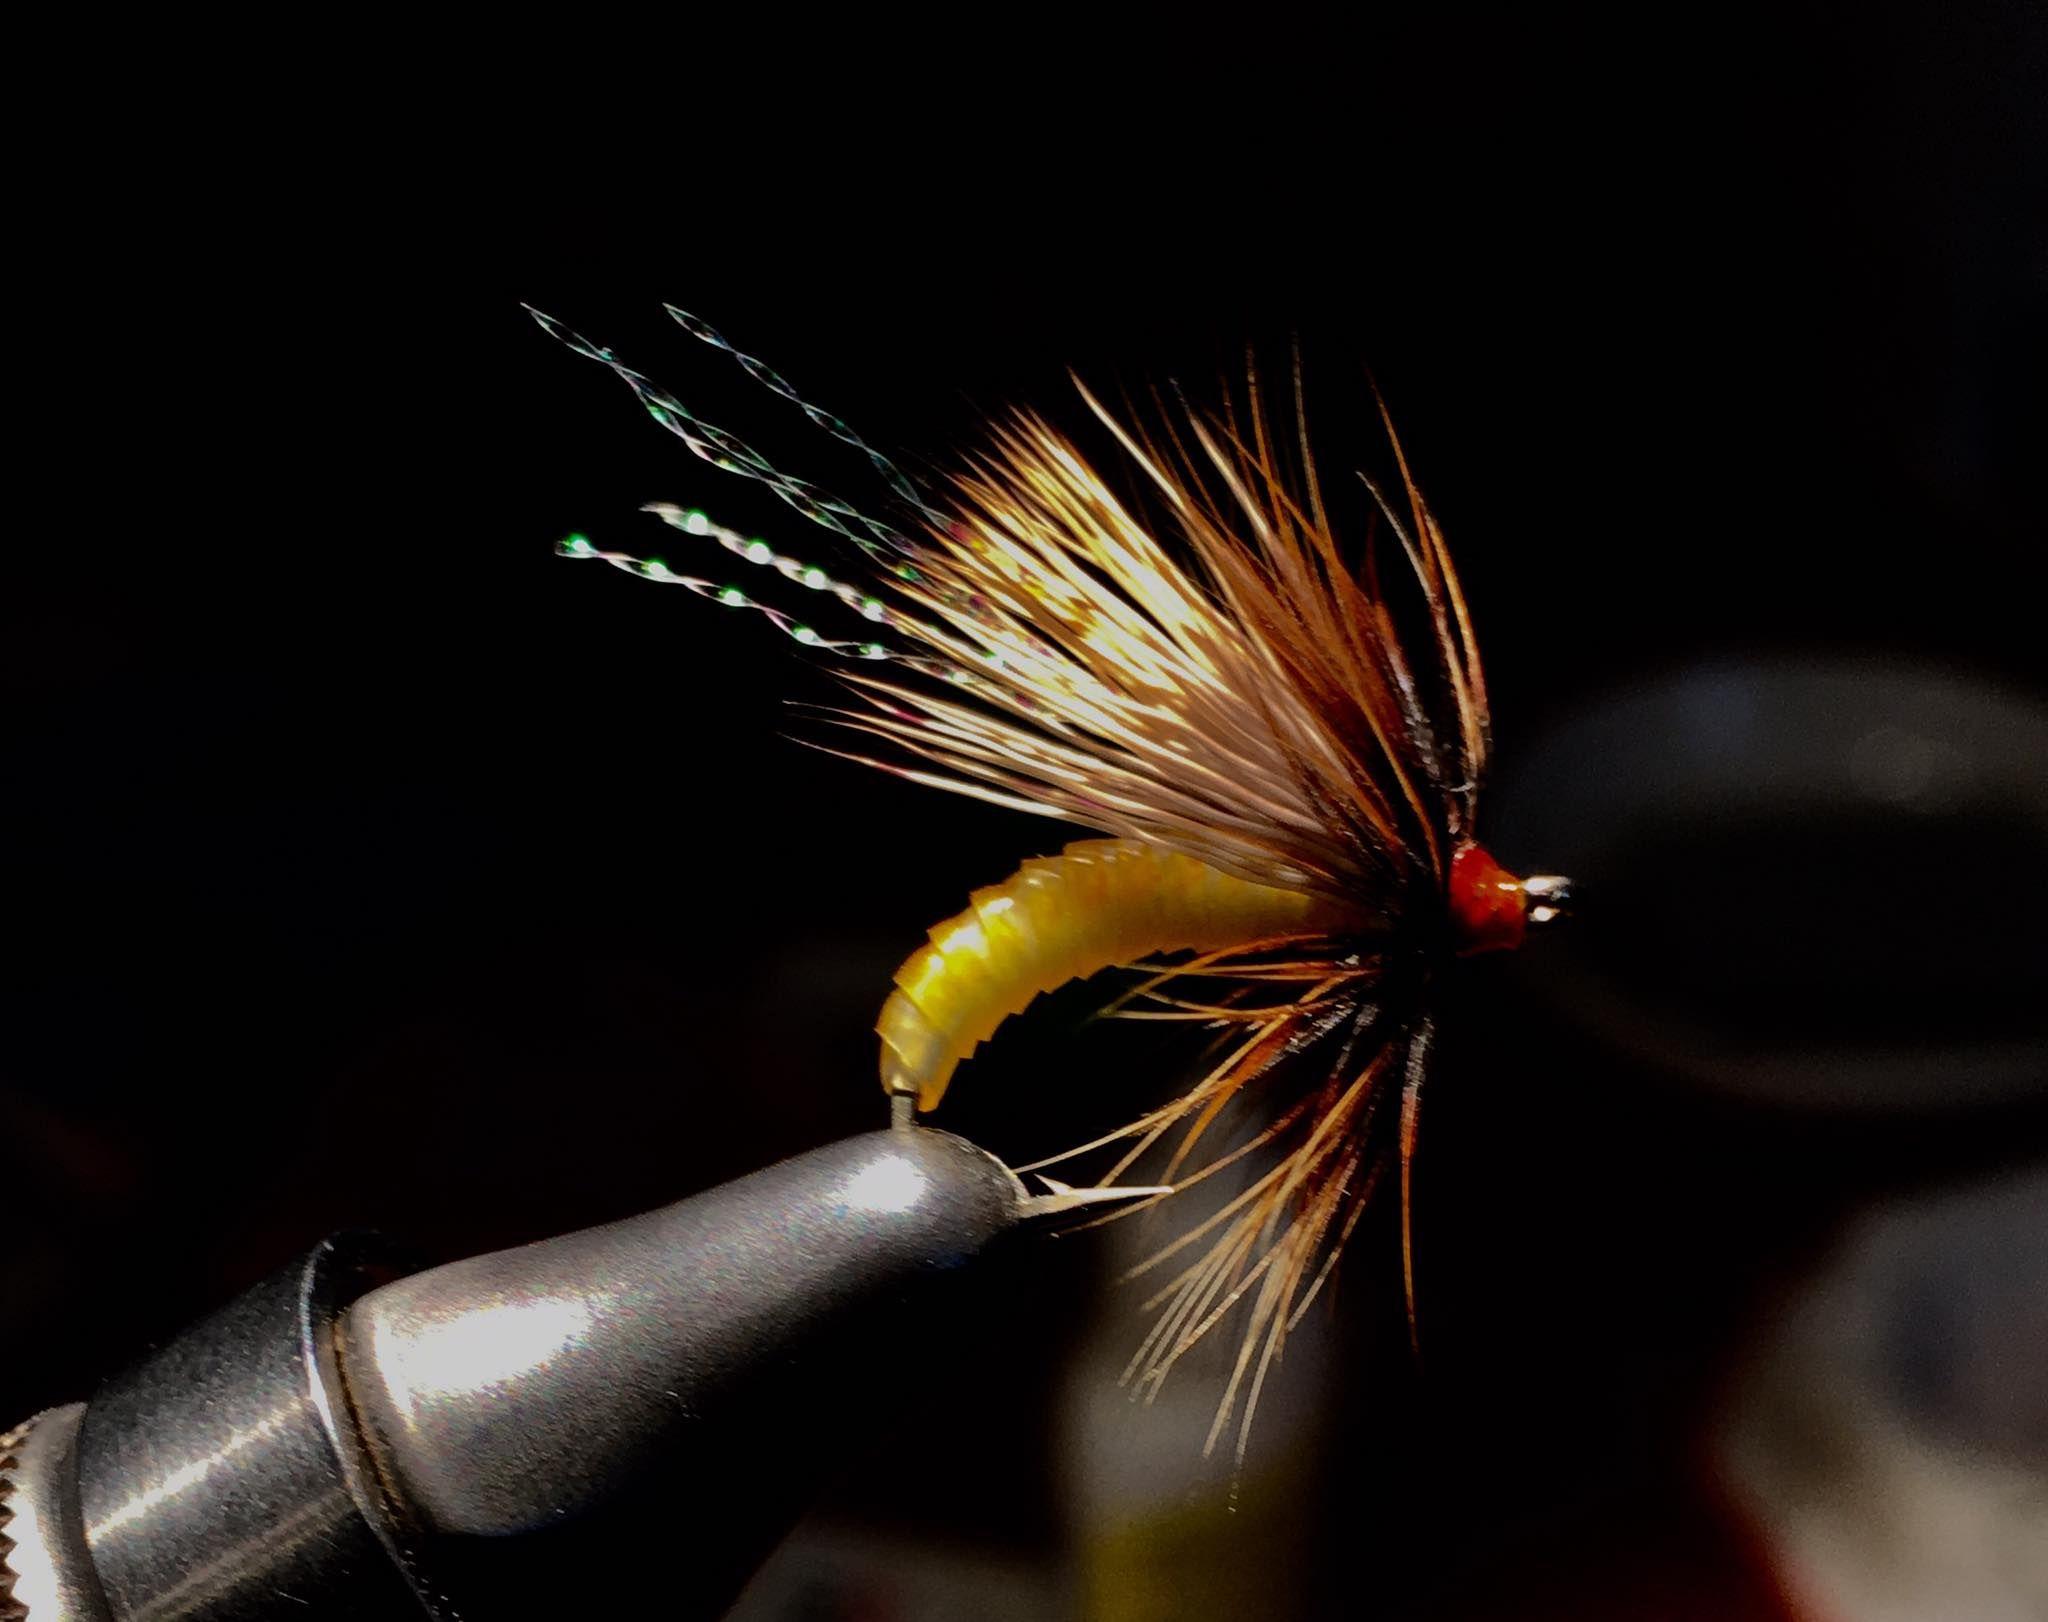 Wet Fly Trout 1 Dozen Caddis Brown /& Cream